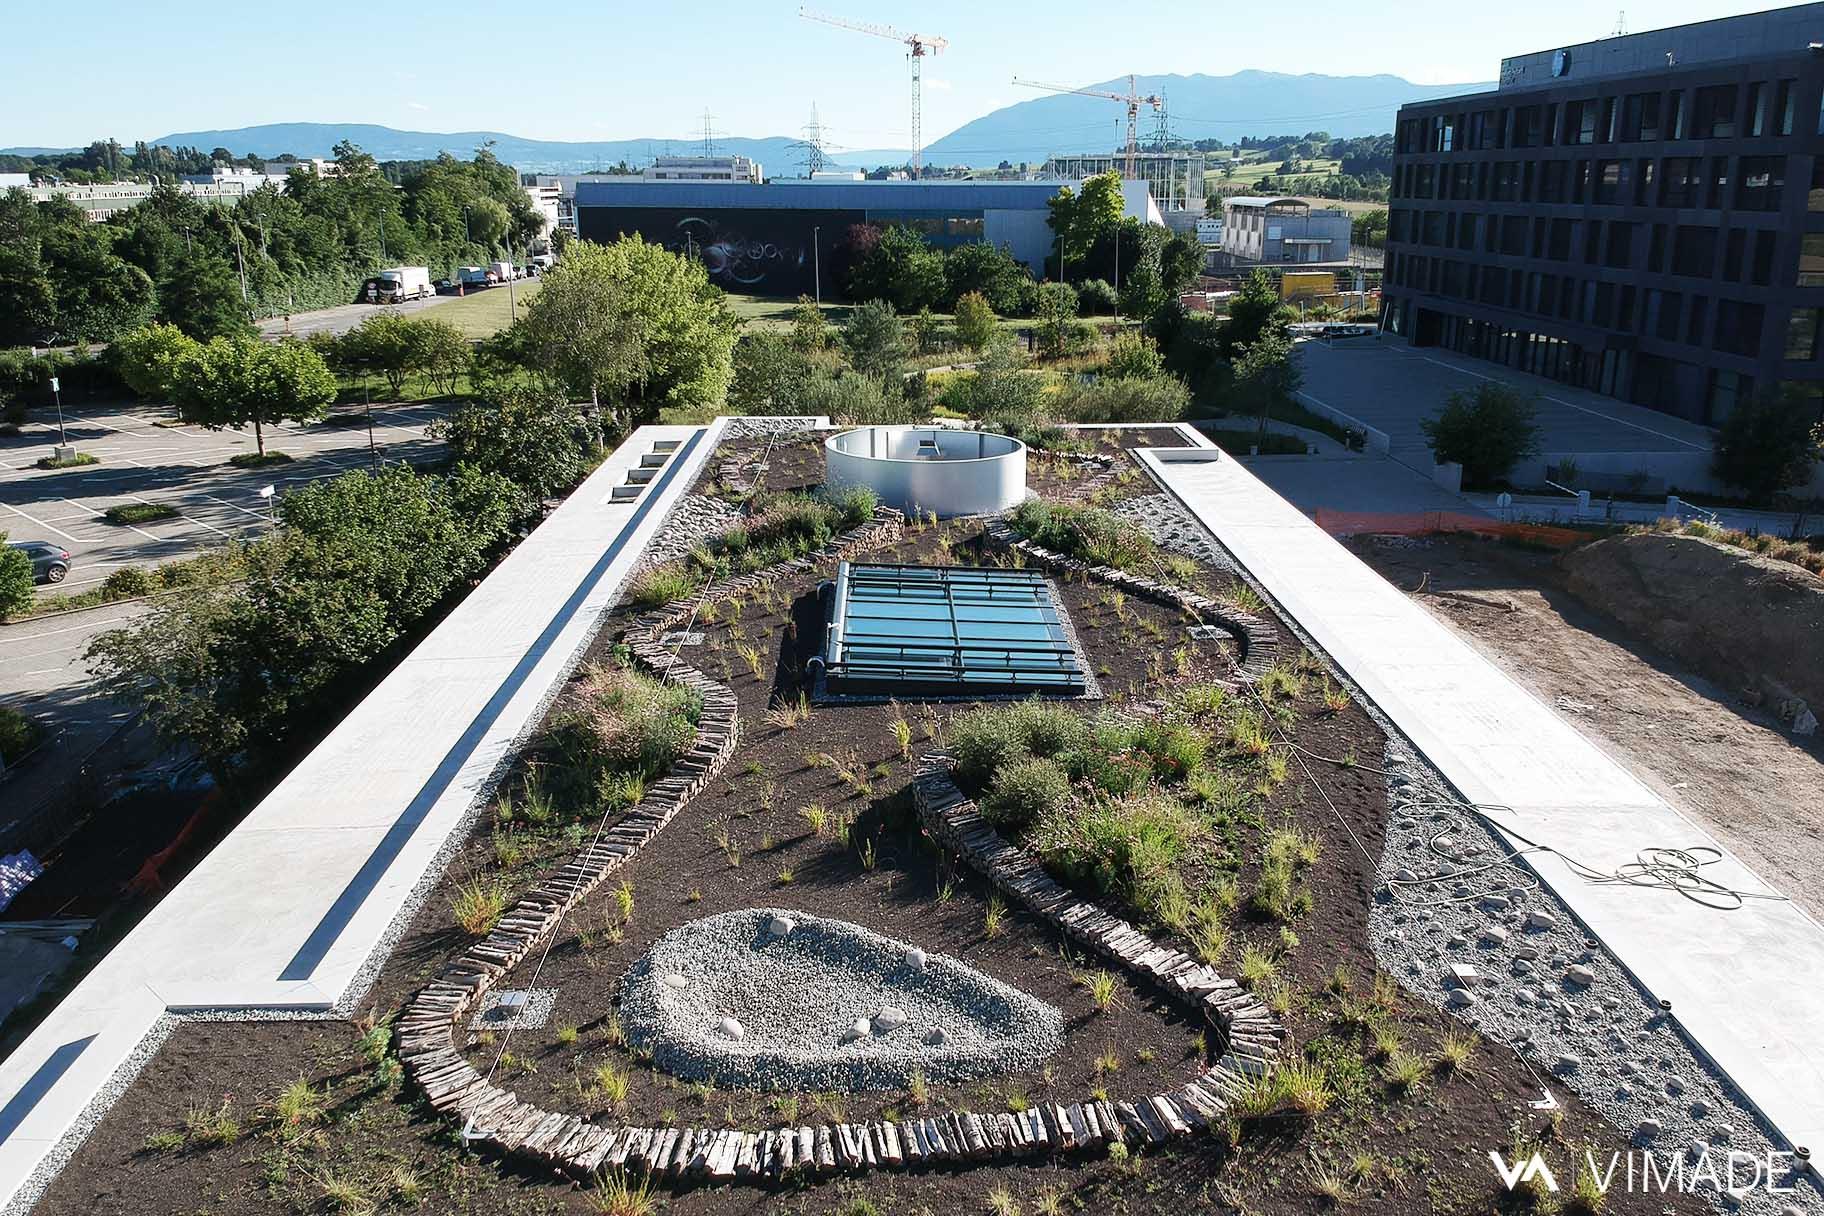 Toiture végétalisé du bâtiment Luigia du site The hive à Meyrin par le bureau VIMADE Architectes paysagistes Genève.